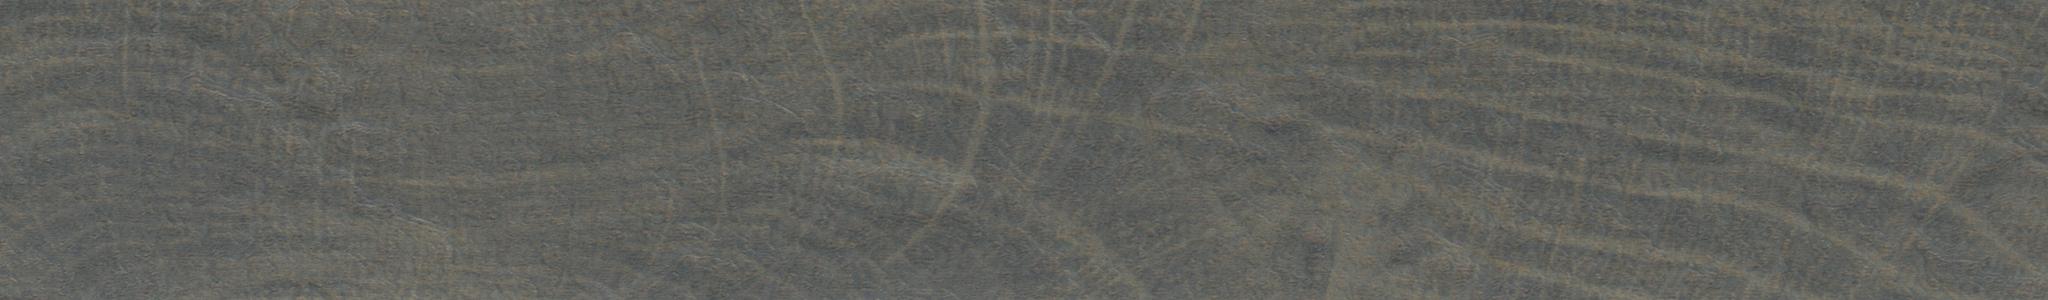 HD 244342 ABS hrana dub end-grain